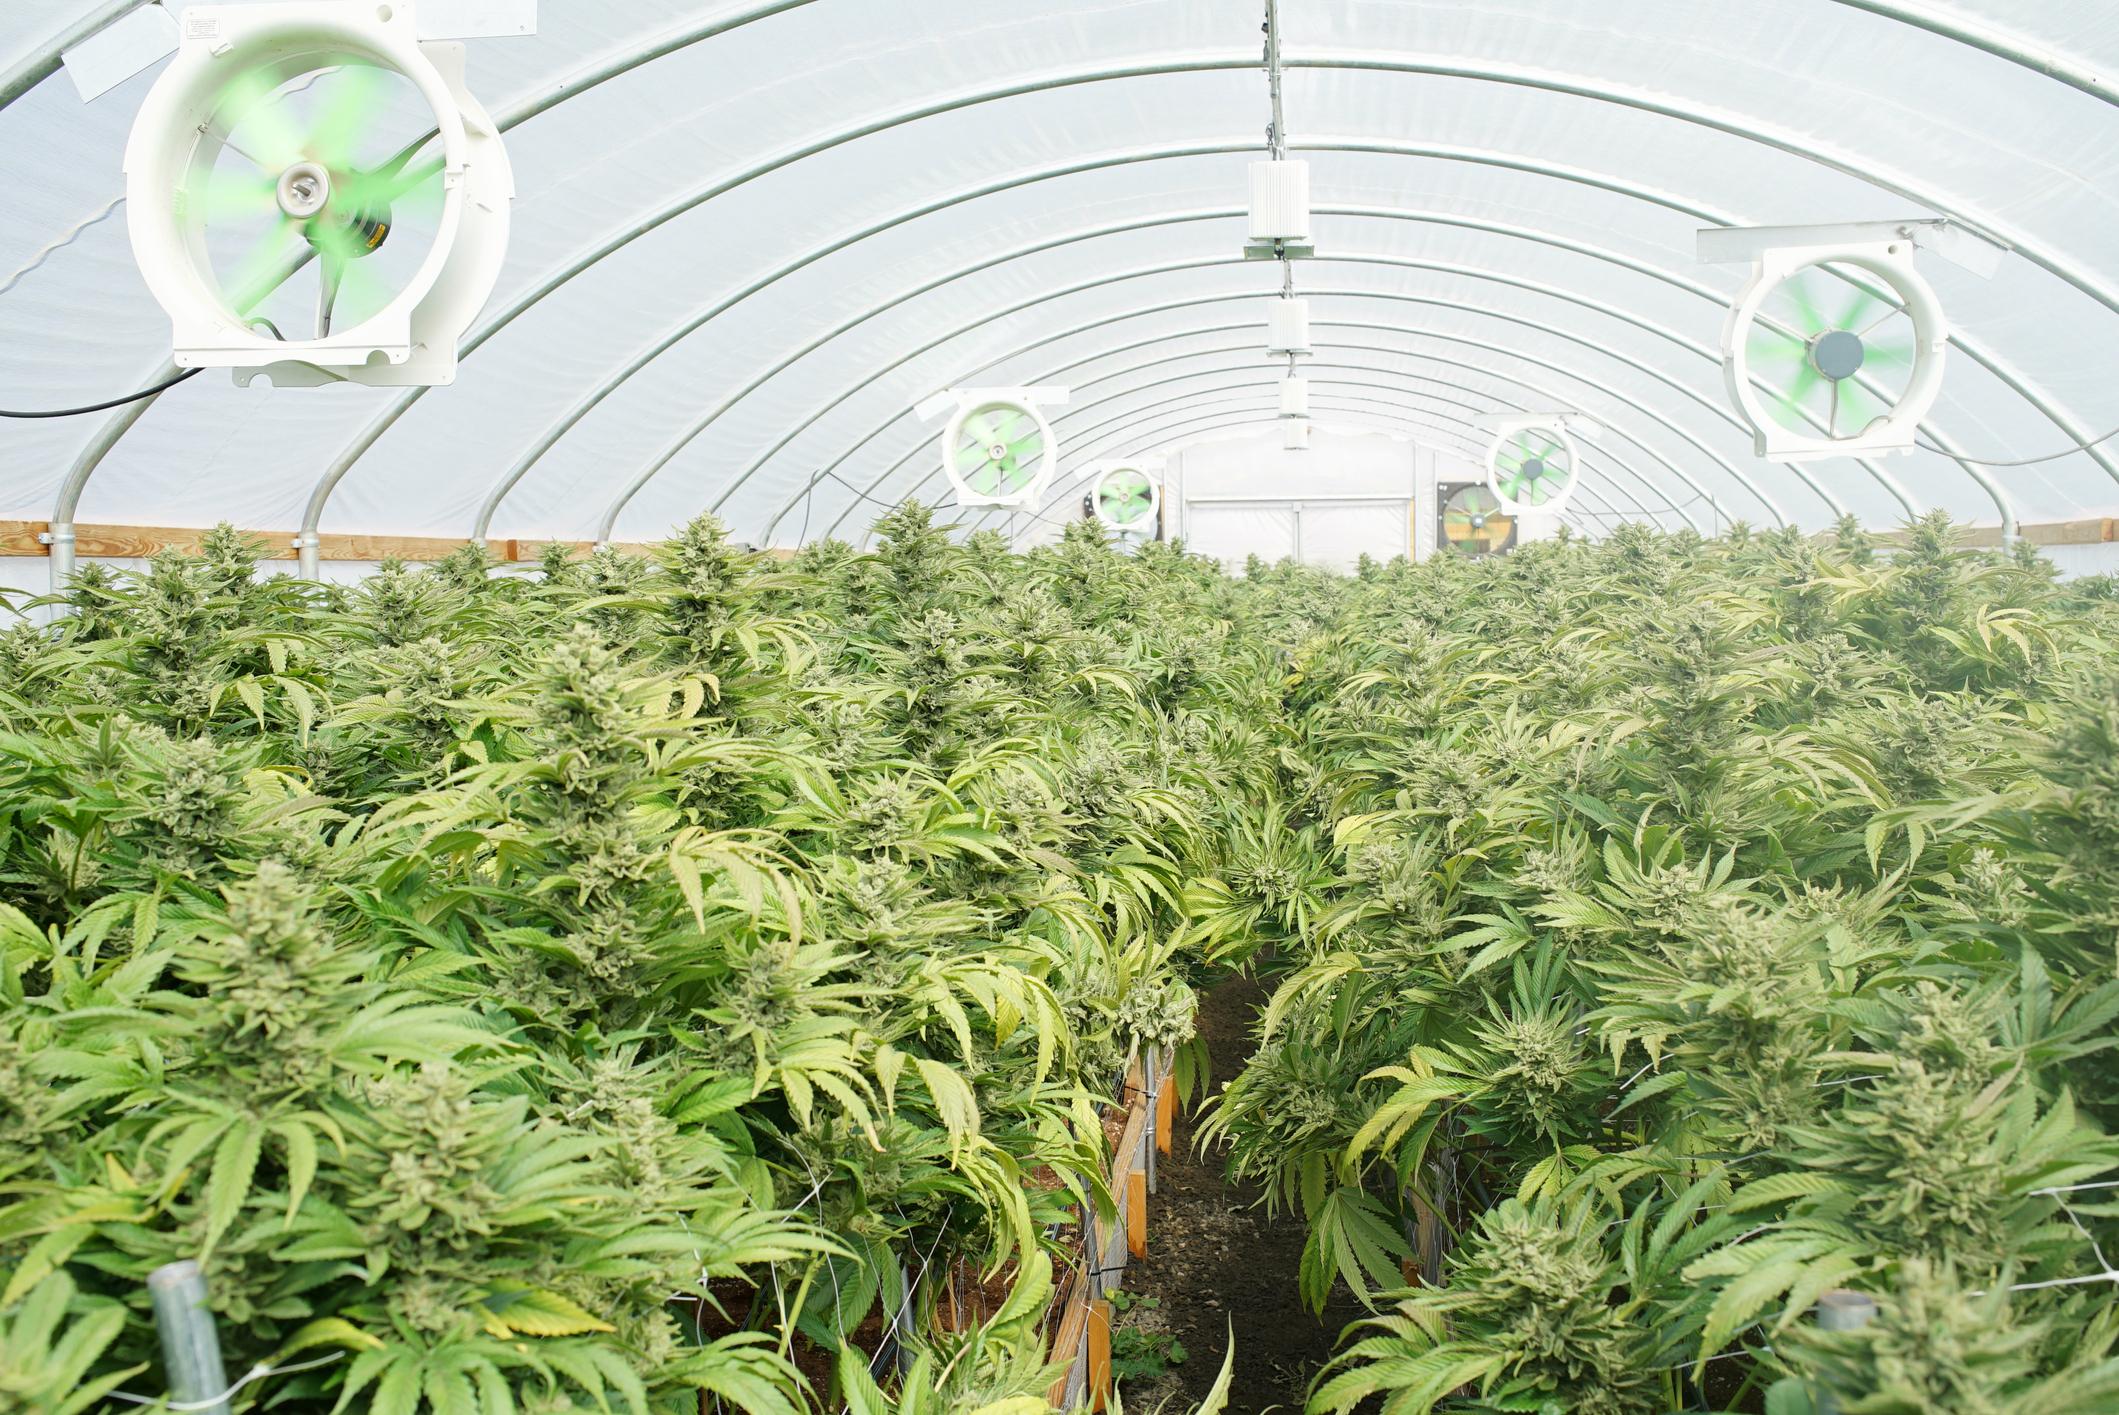 Commercial marijuana grow farm.